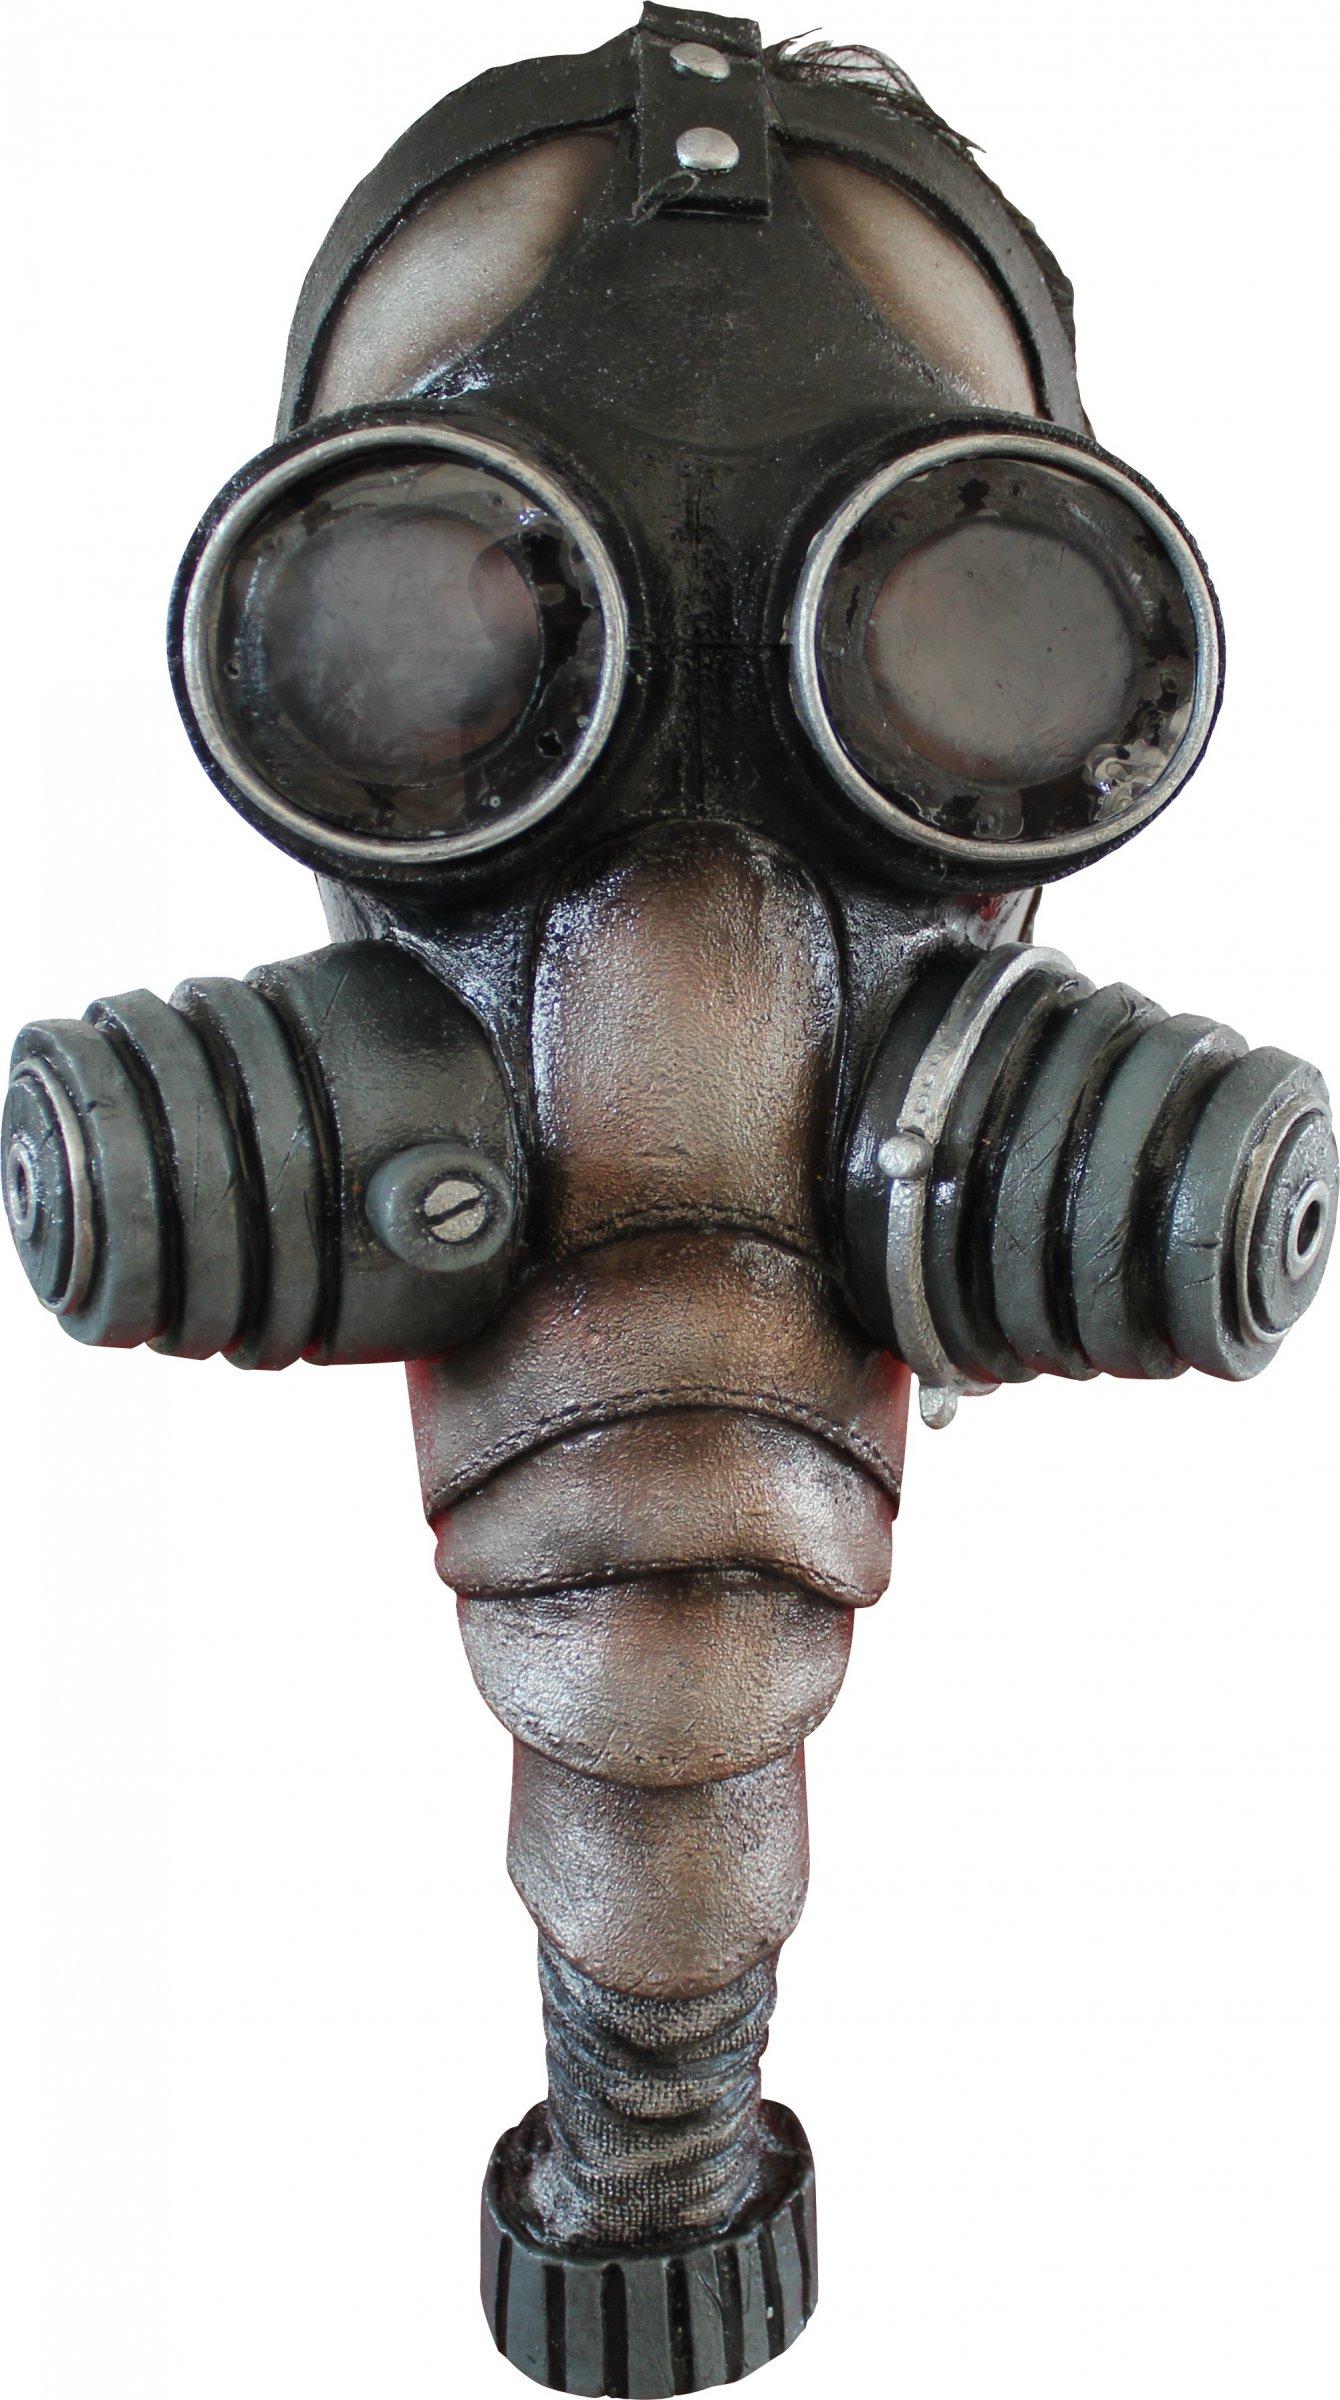 carnaval gasmasker